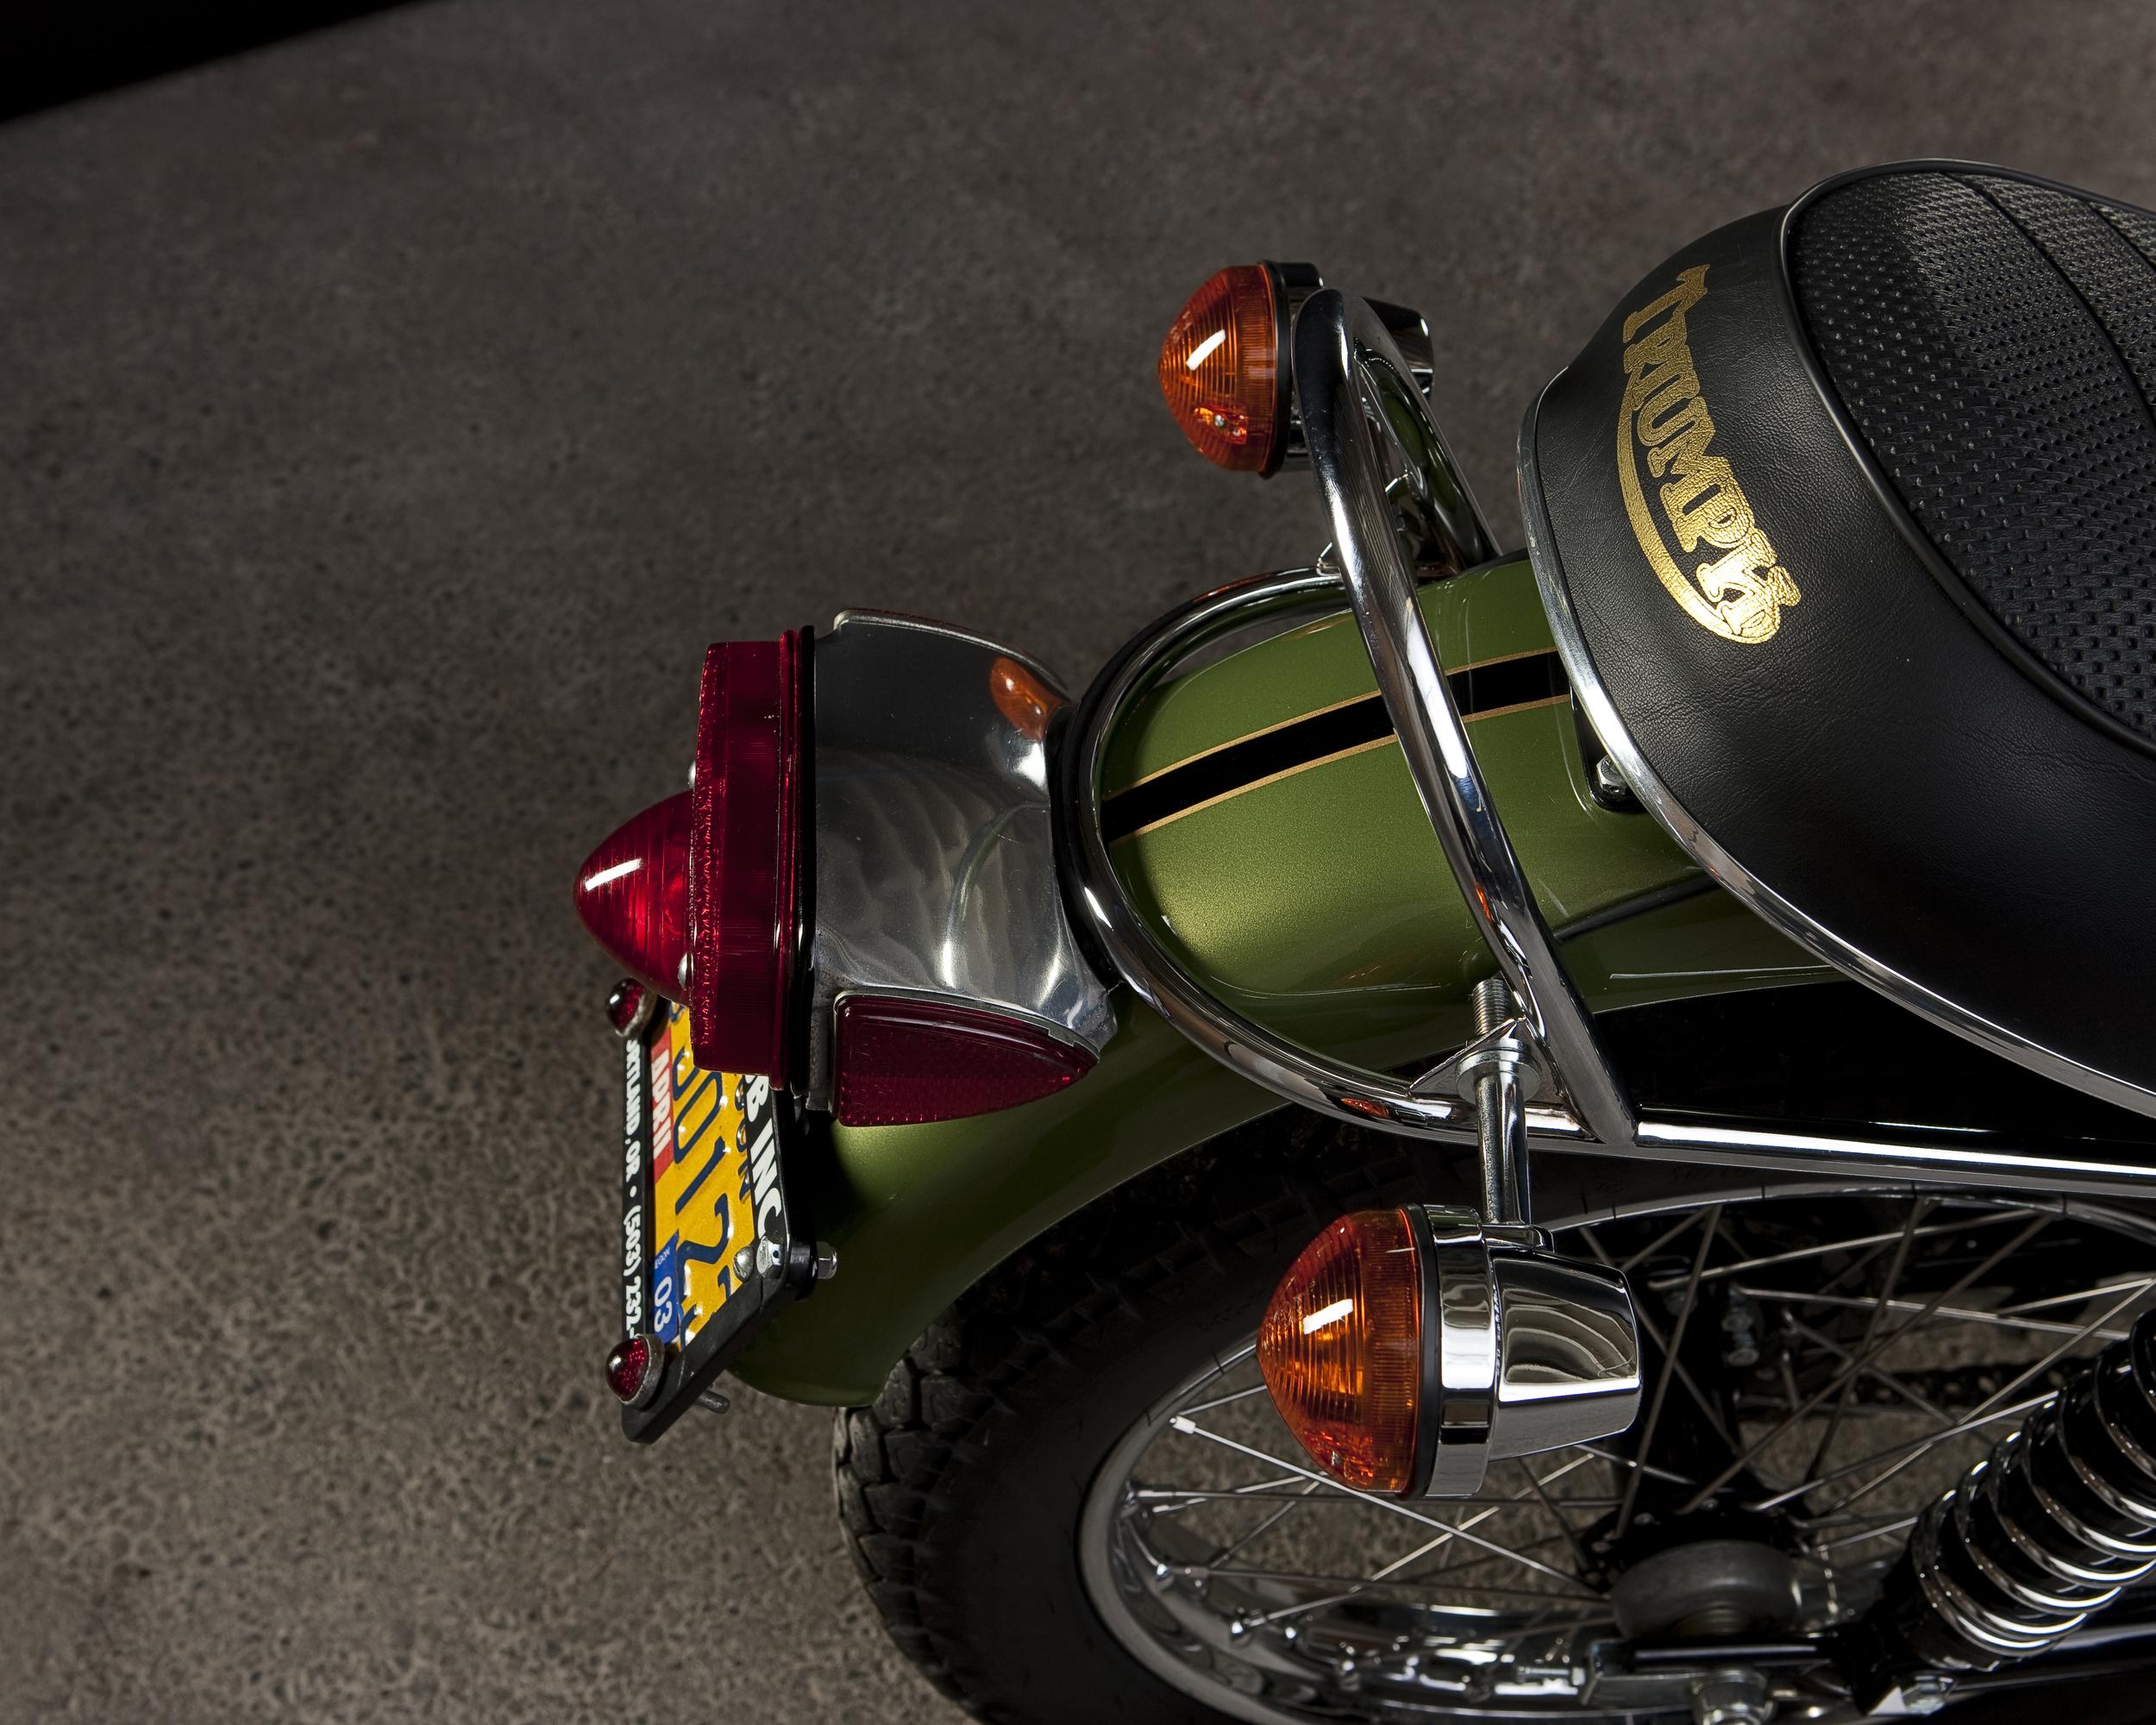 OneMotorcycle__0476.jpg